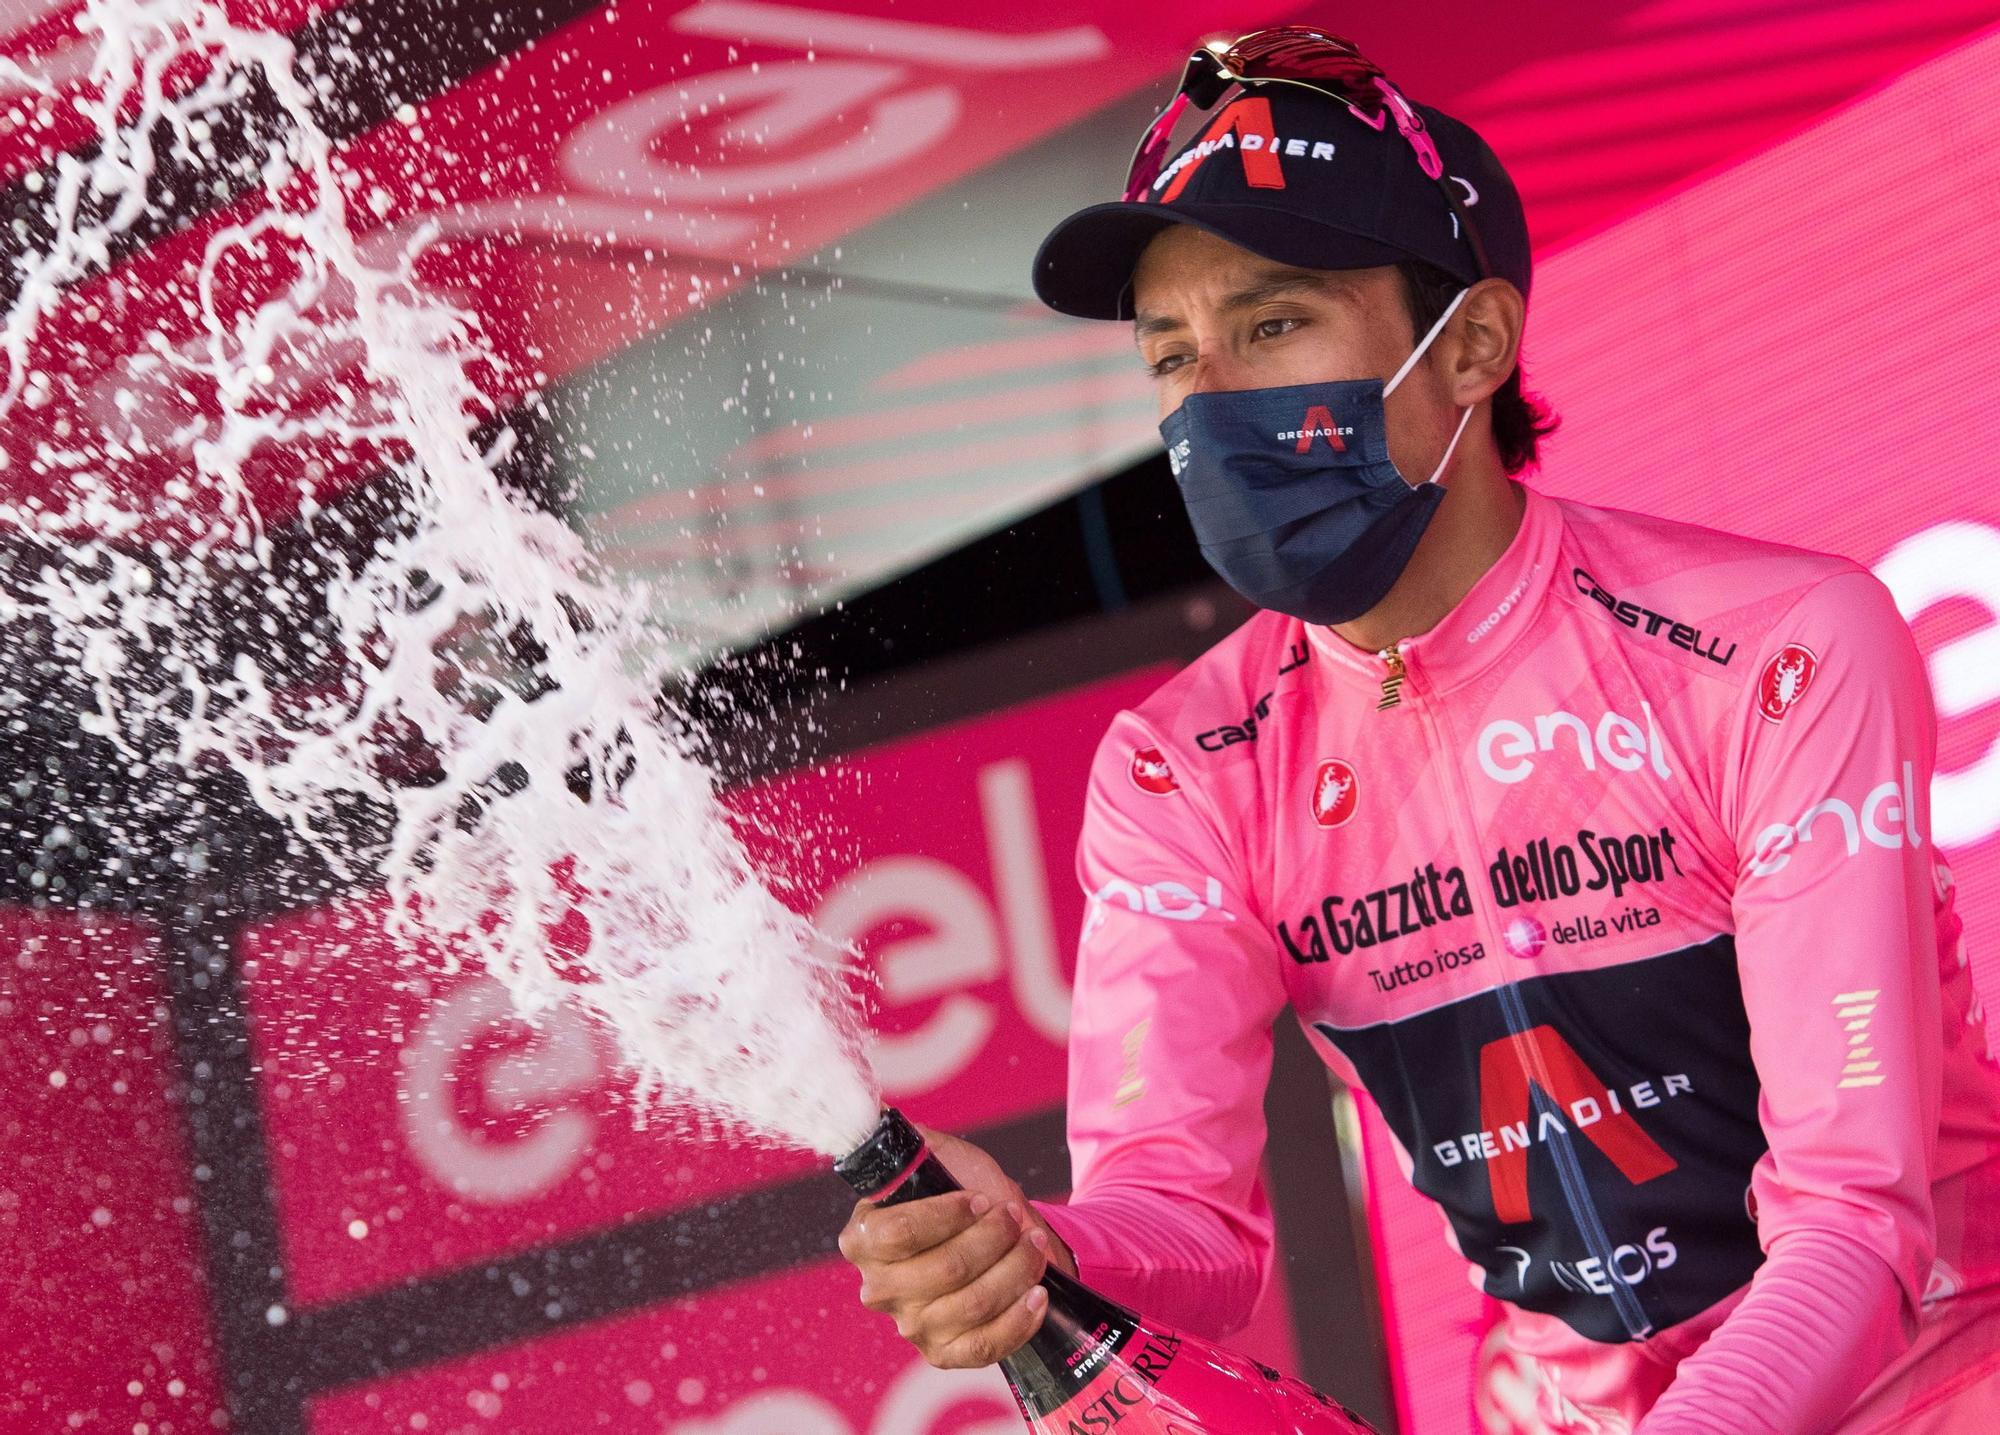 Giro de Italia: Rovereto - Stradella